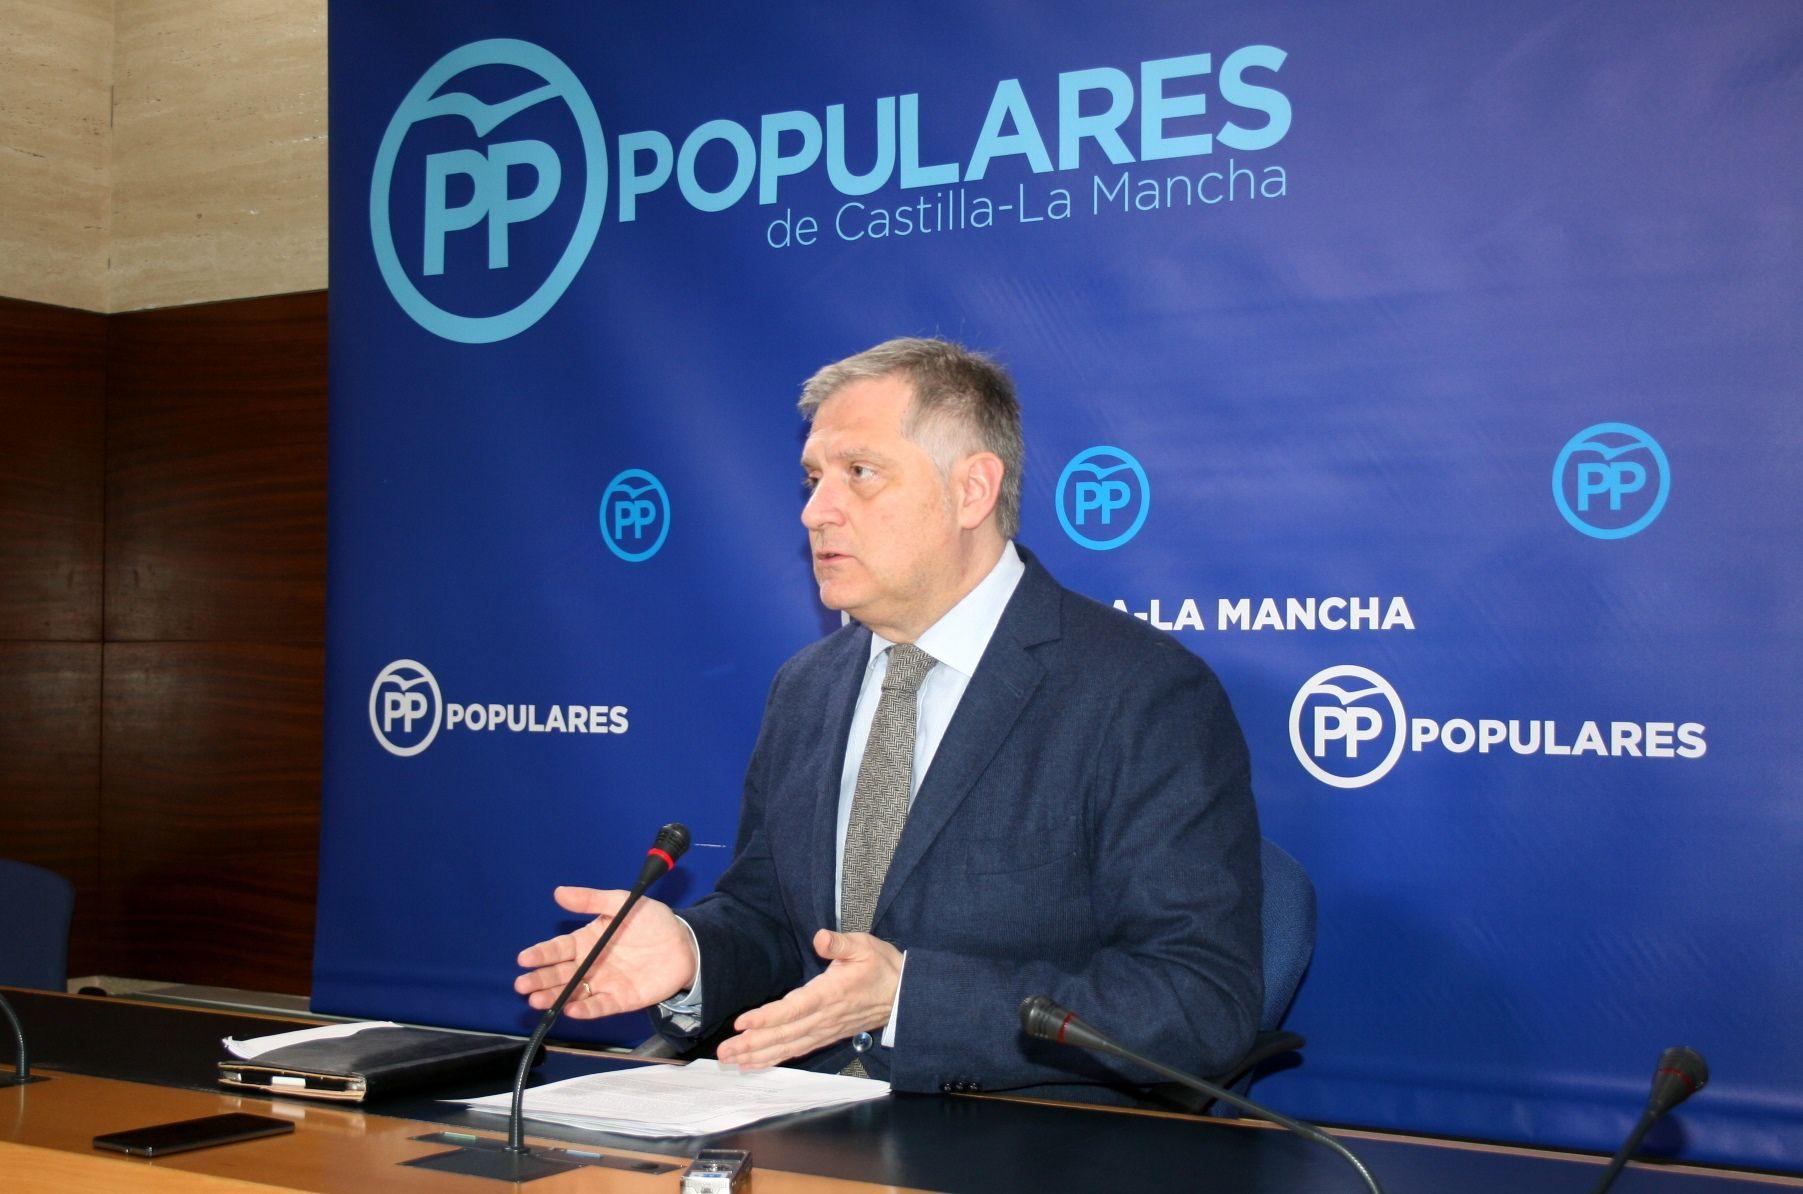 Cañizares reitera el compromiso del PP con los que más lo necesitan y su apuesta por la plena inclusión social de las personas que padecen una enfermedad mental